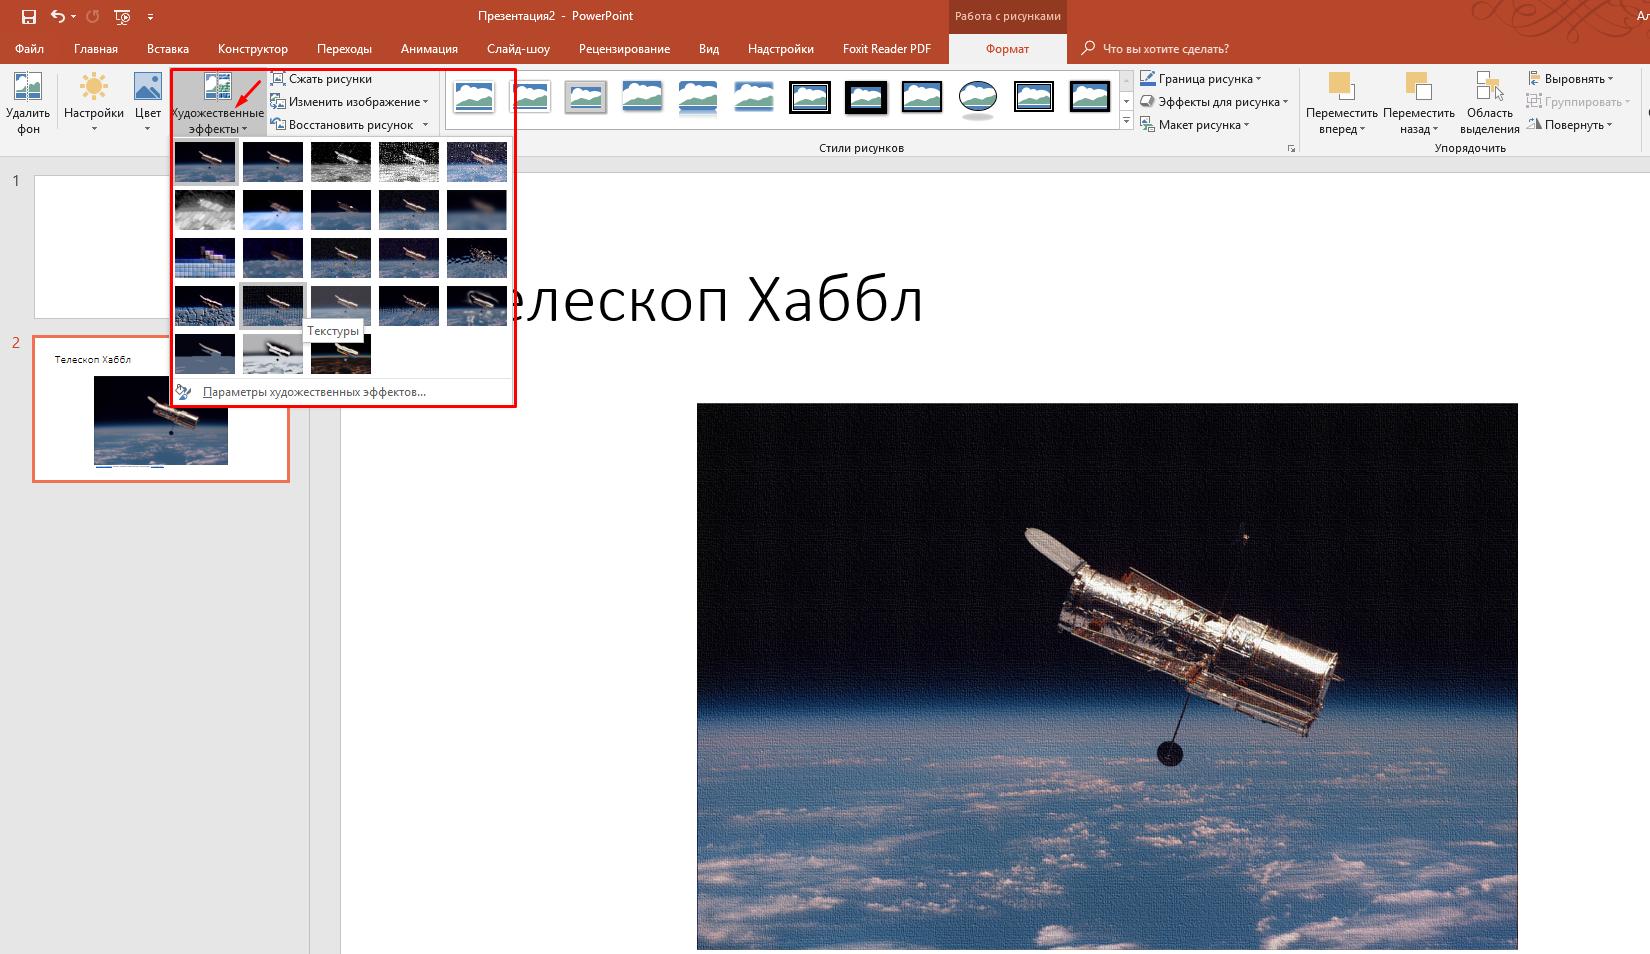 Как в презентации Power Point сделать анимацию?